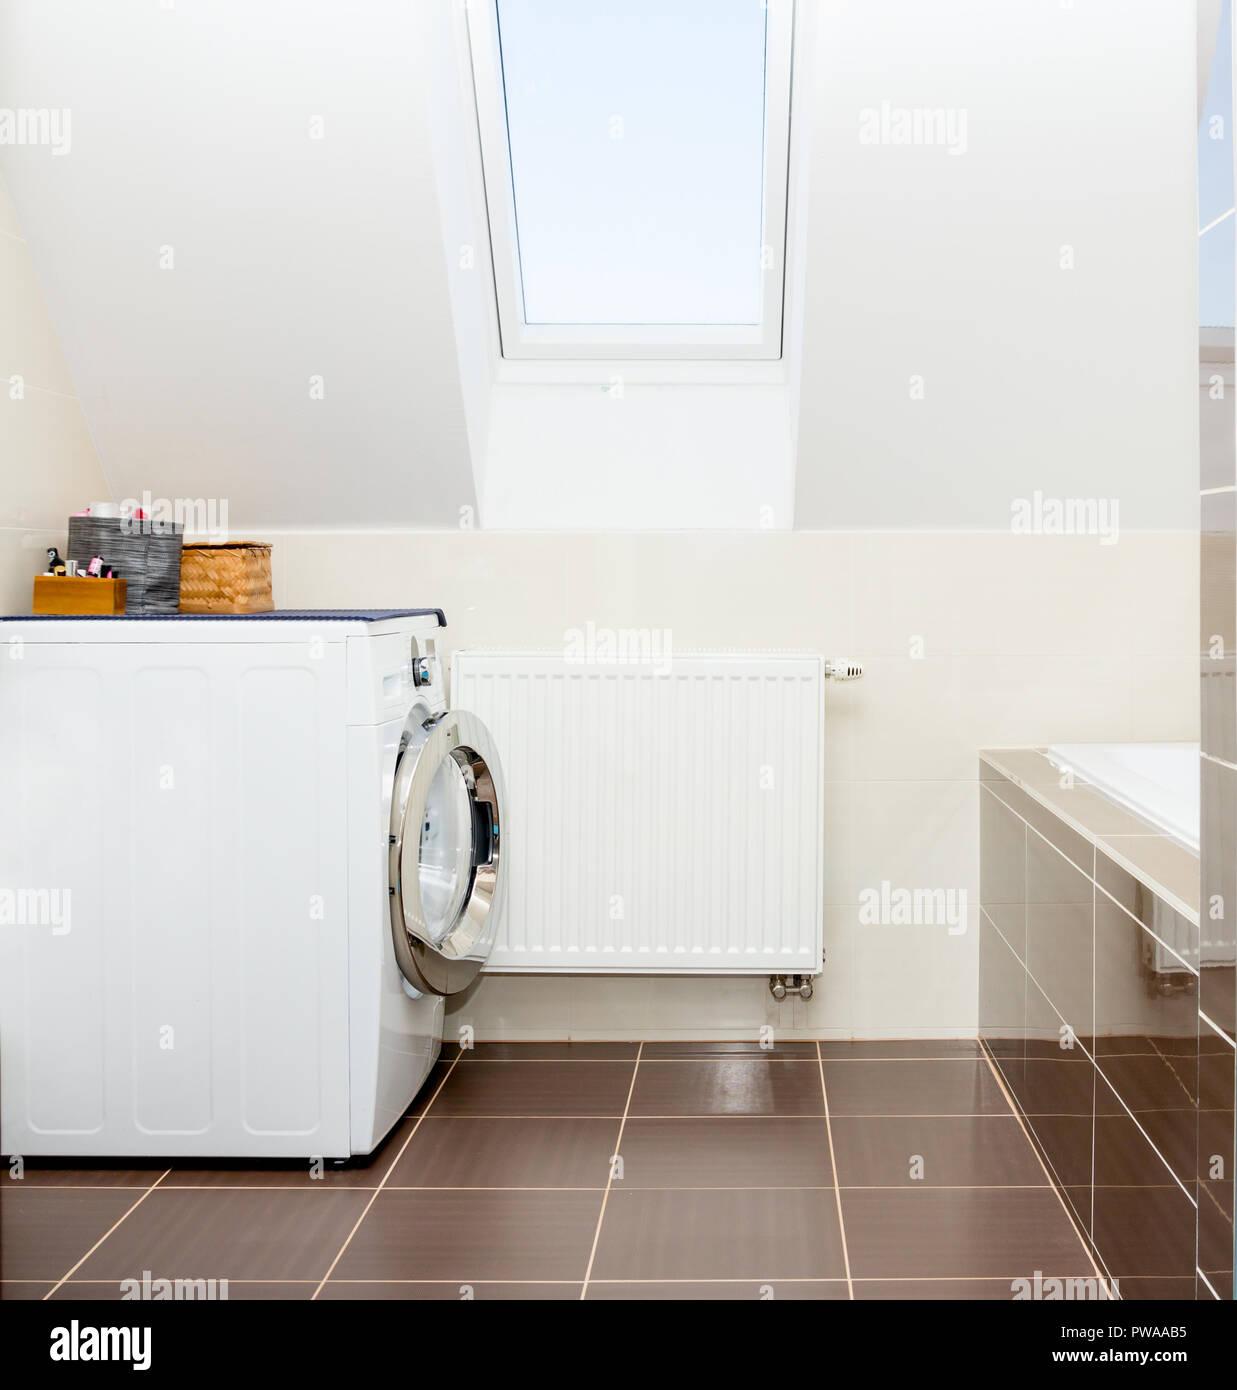 Lave Linge Dans Salle De Bain lave-linge dans la salle de bains banque d'images, photo